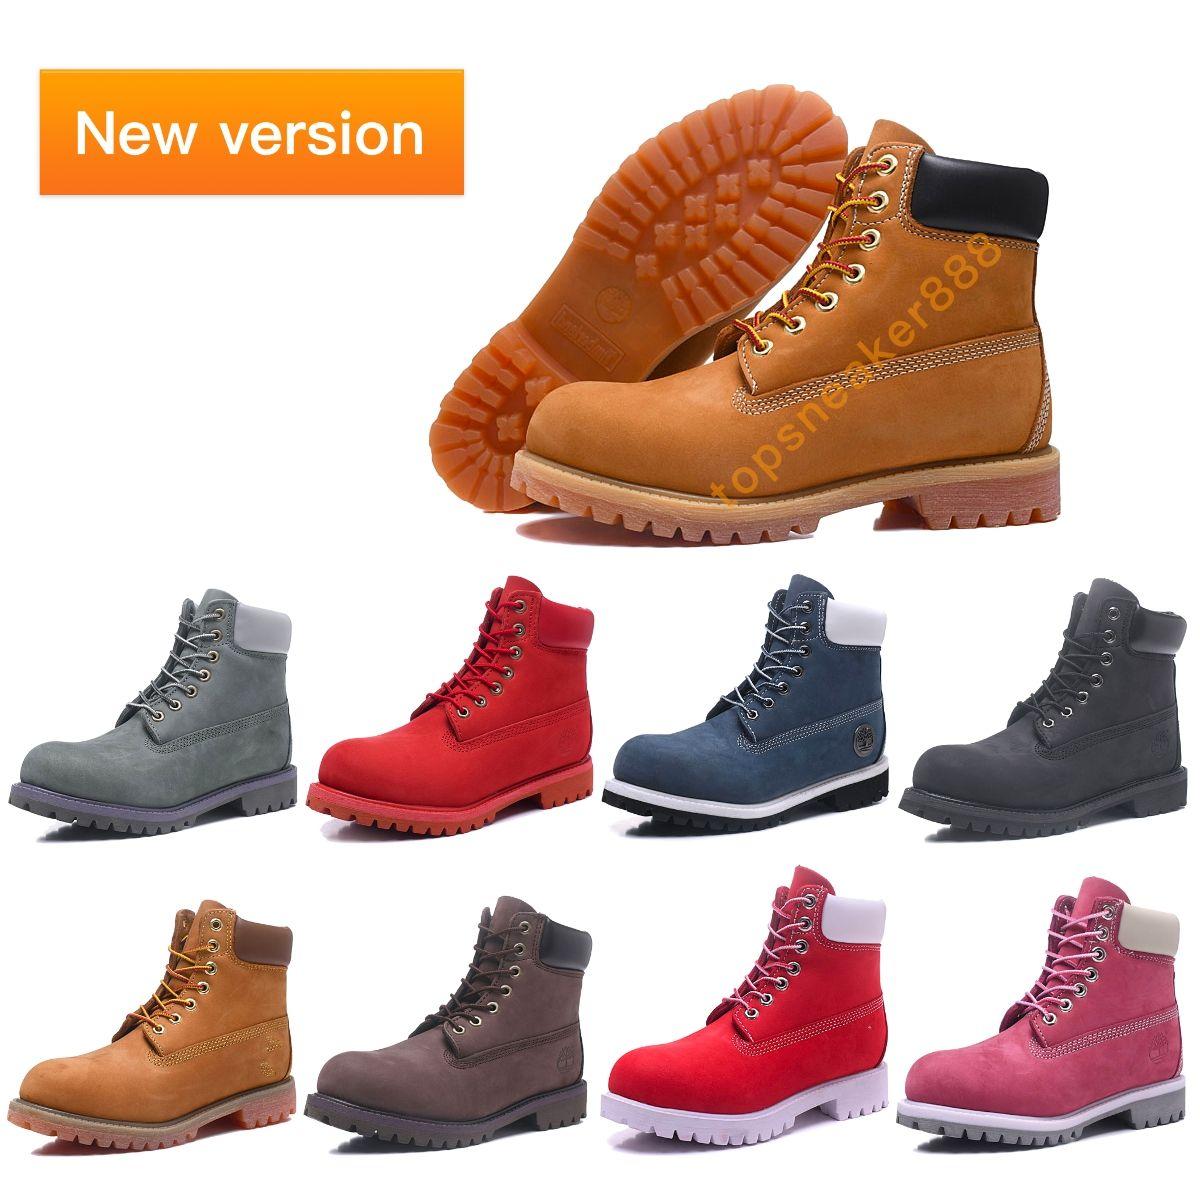 2020 Открытый Человек Boots Премиум Пшеница нубука Желтый Классический Человек обувь Черный Коричневый Размер США 5.5-11 Открытый зимы женщин пинетки